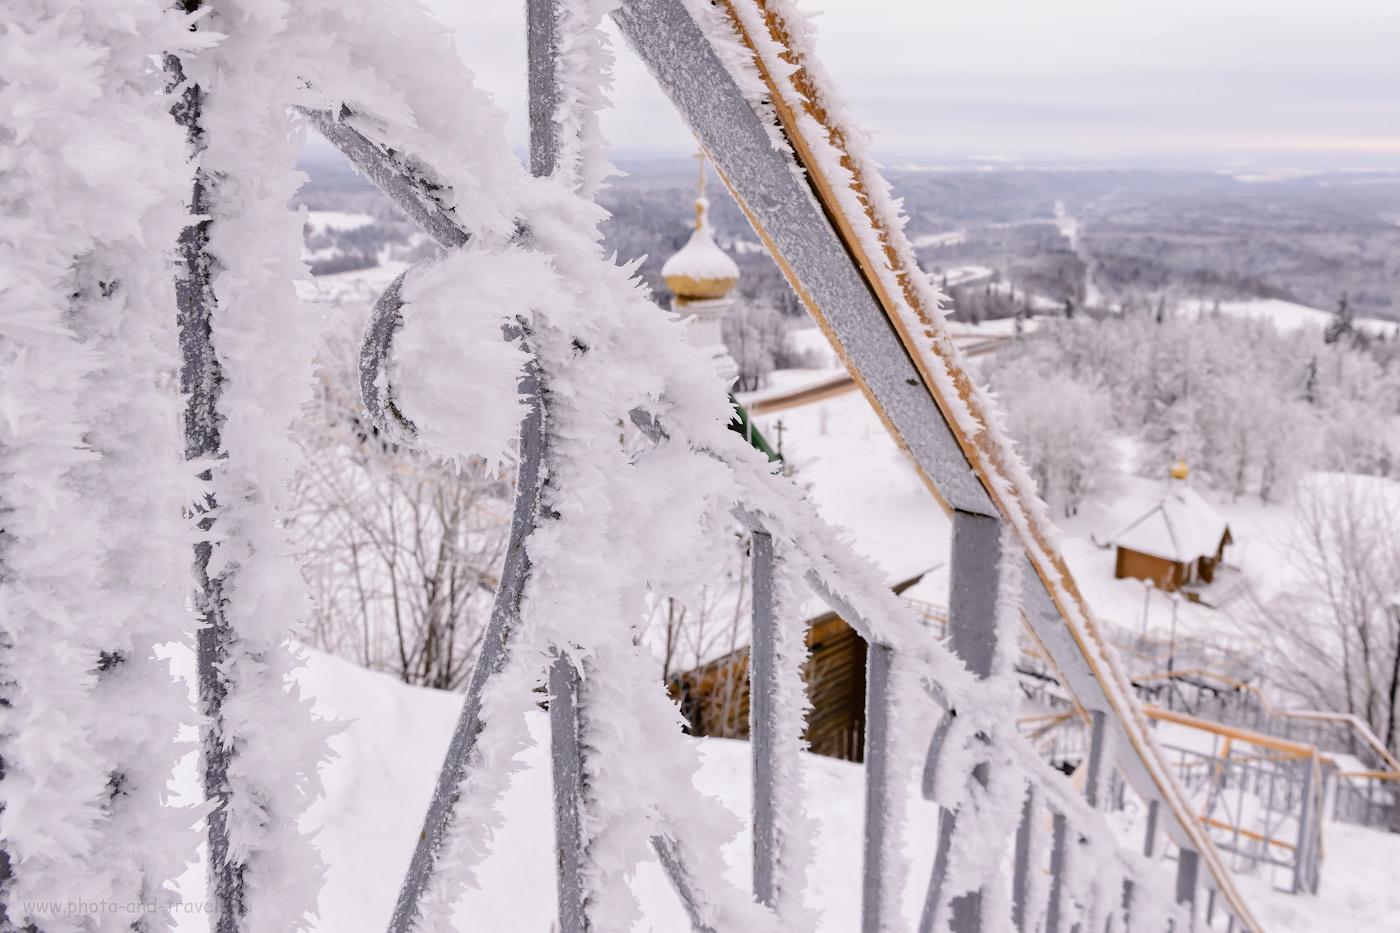 Фотография 25. Эх, без хорошего света не передать, как красивы кристаллы льда на Белой горе. 1/50, +1.33, 14.0, 900, 24.